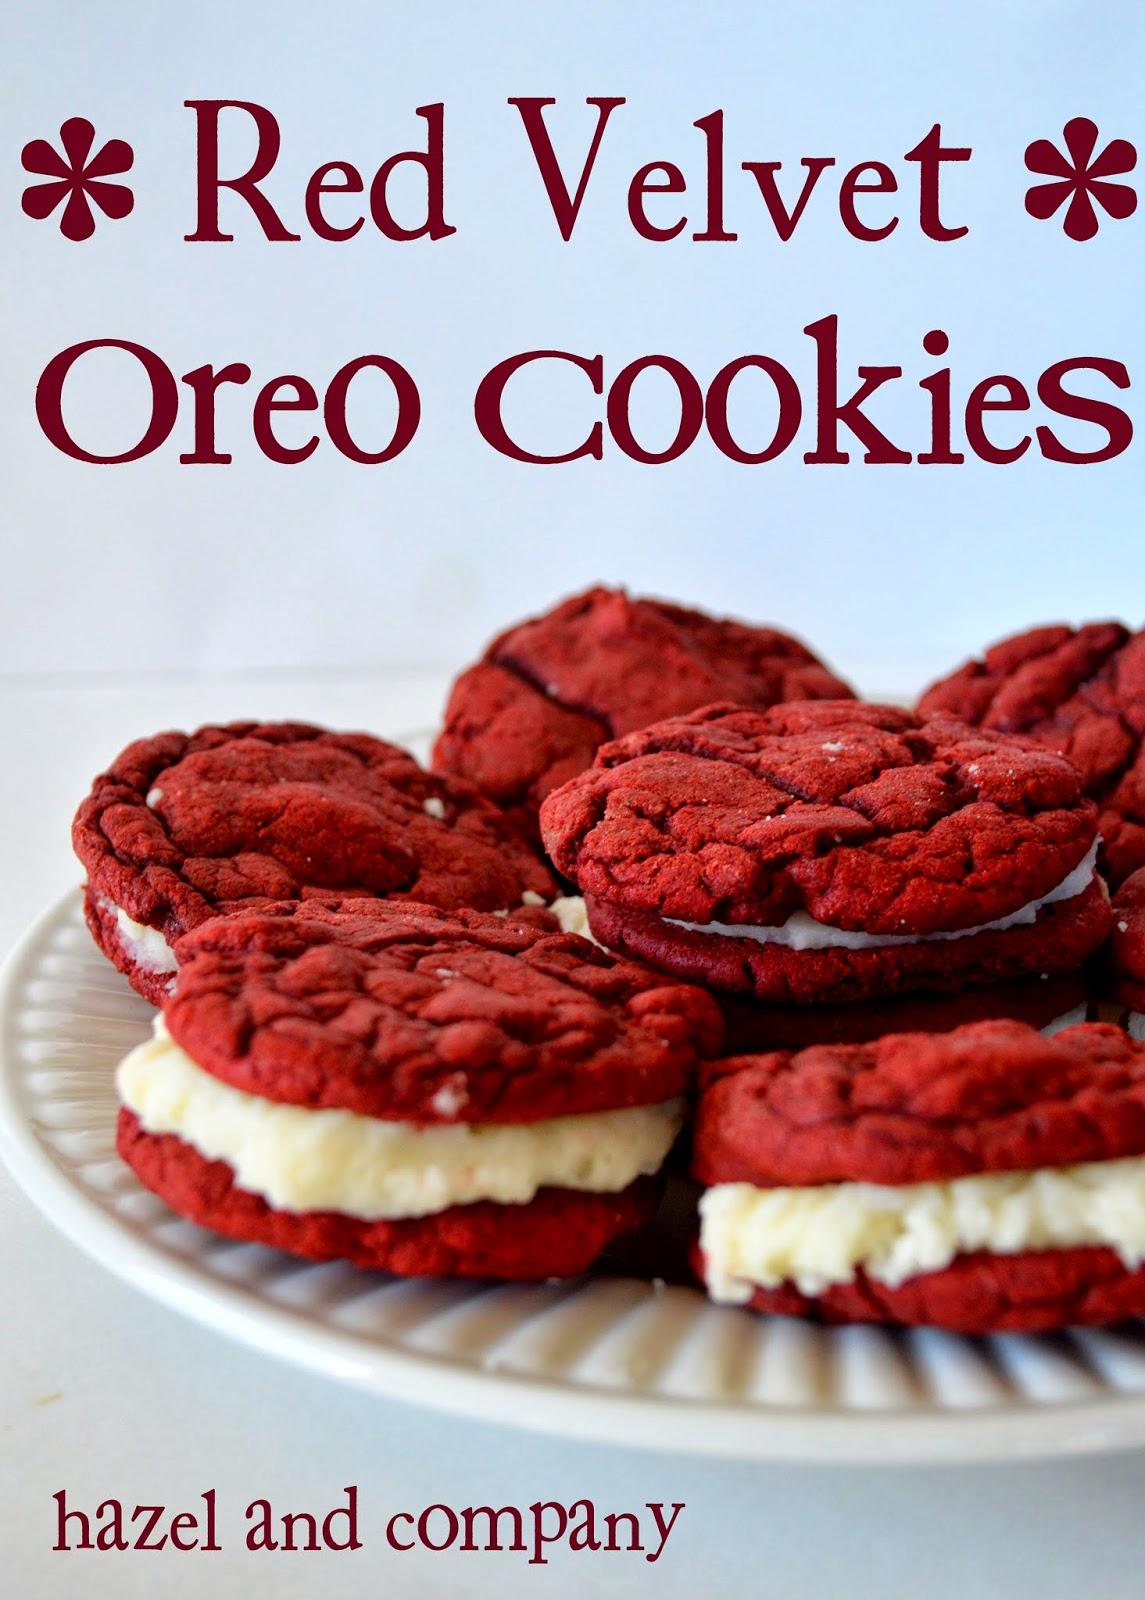 hazel and pany Red Velvet Oreo Cookies